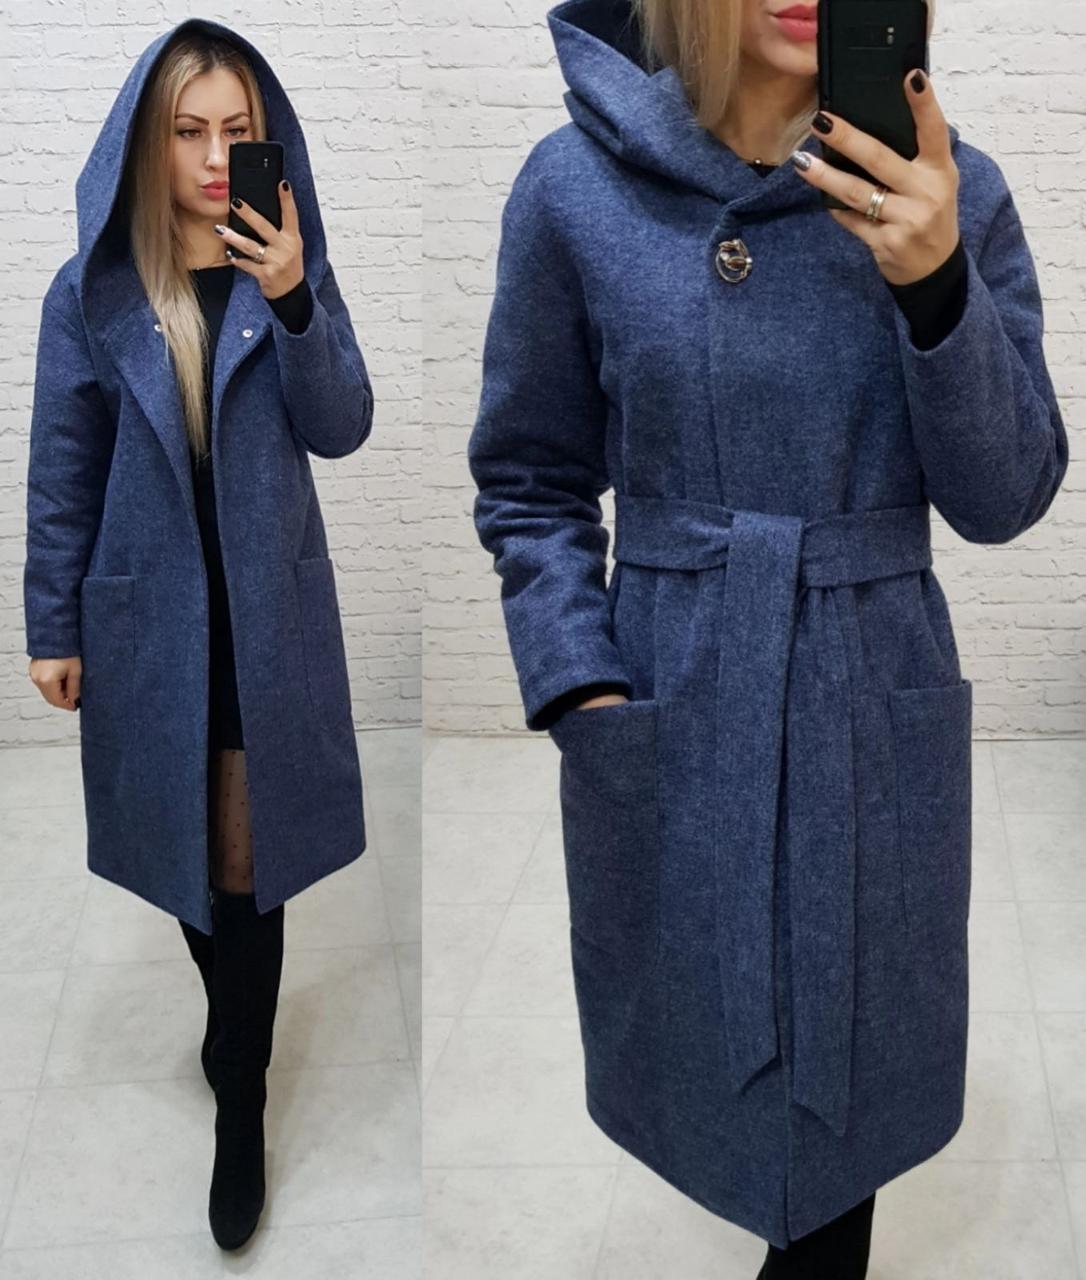 Теплое пальто с капюшоном, кашемировое, ЕВРО-ЗИМА, цвет джинс, арт 176